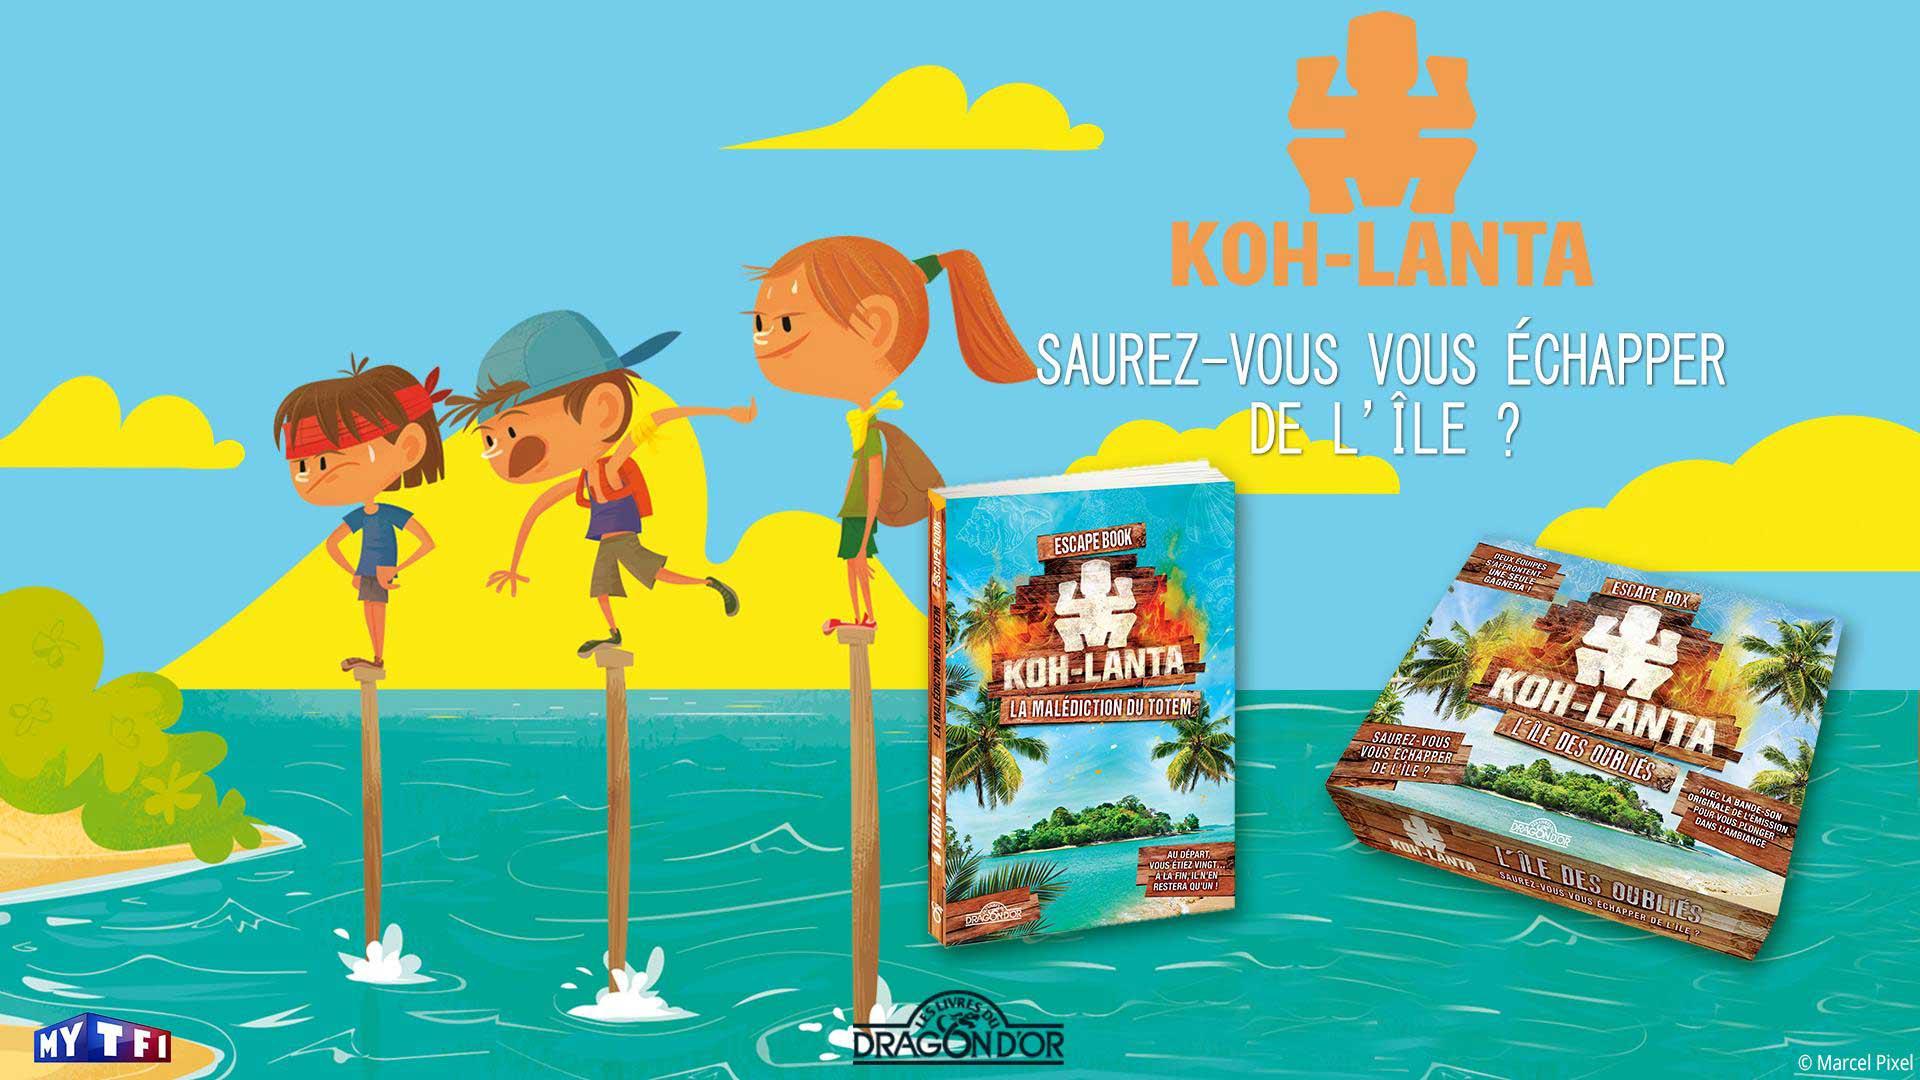 Visuel du jeu-concours pour gagner l'escape book et l'escape box Koh-Lanta avec TF1 et Vous